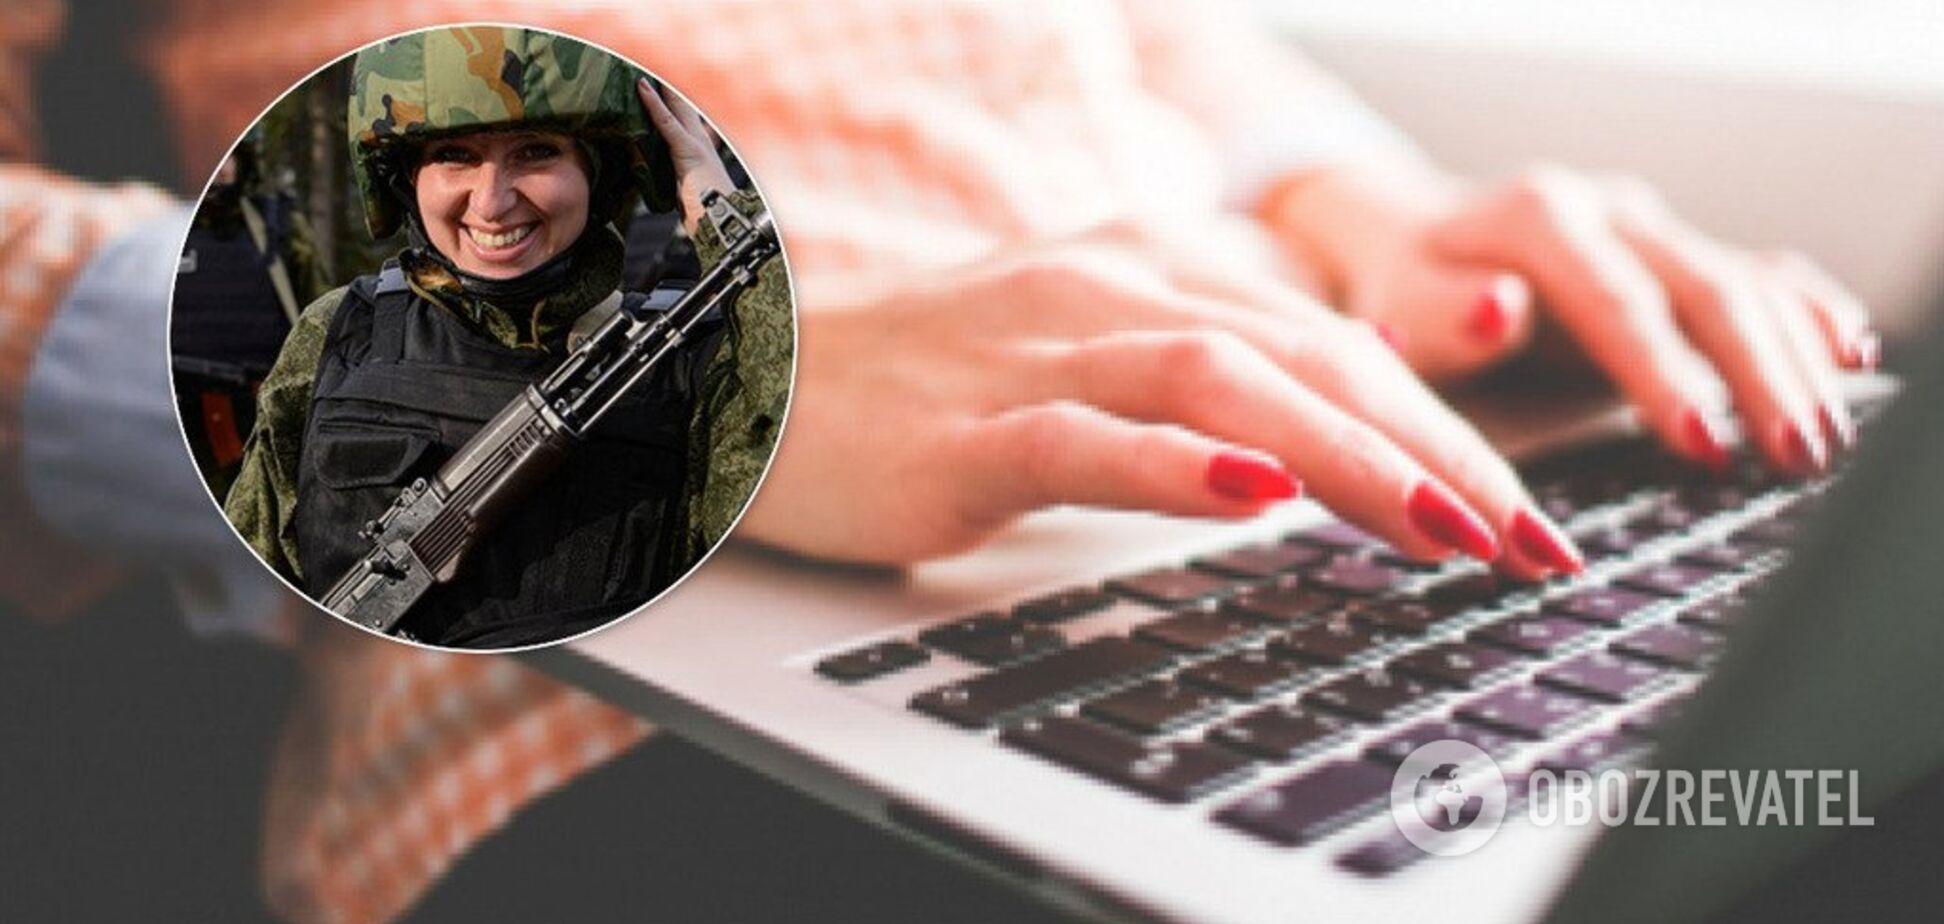 Знайомилися в мережі під виглядом жінок: СБУ викрила хитрий спосіб вербування українців